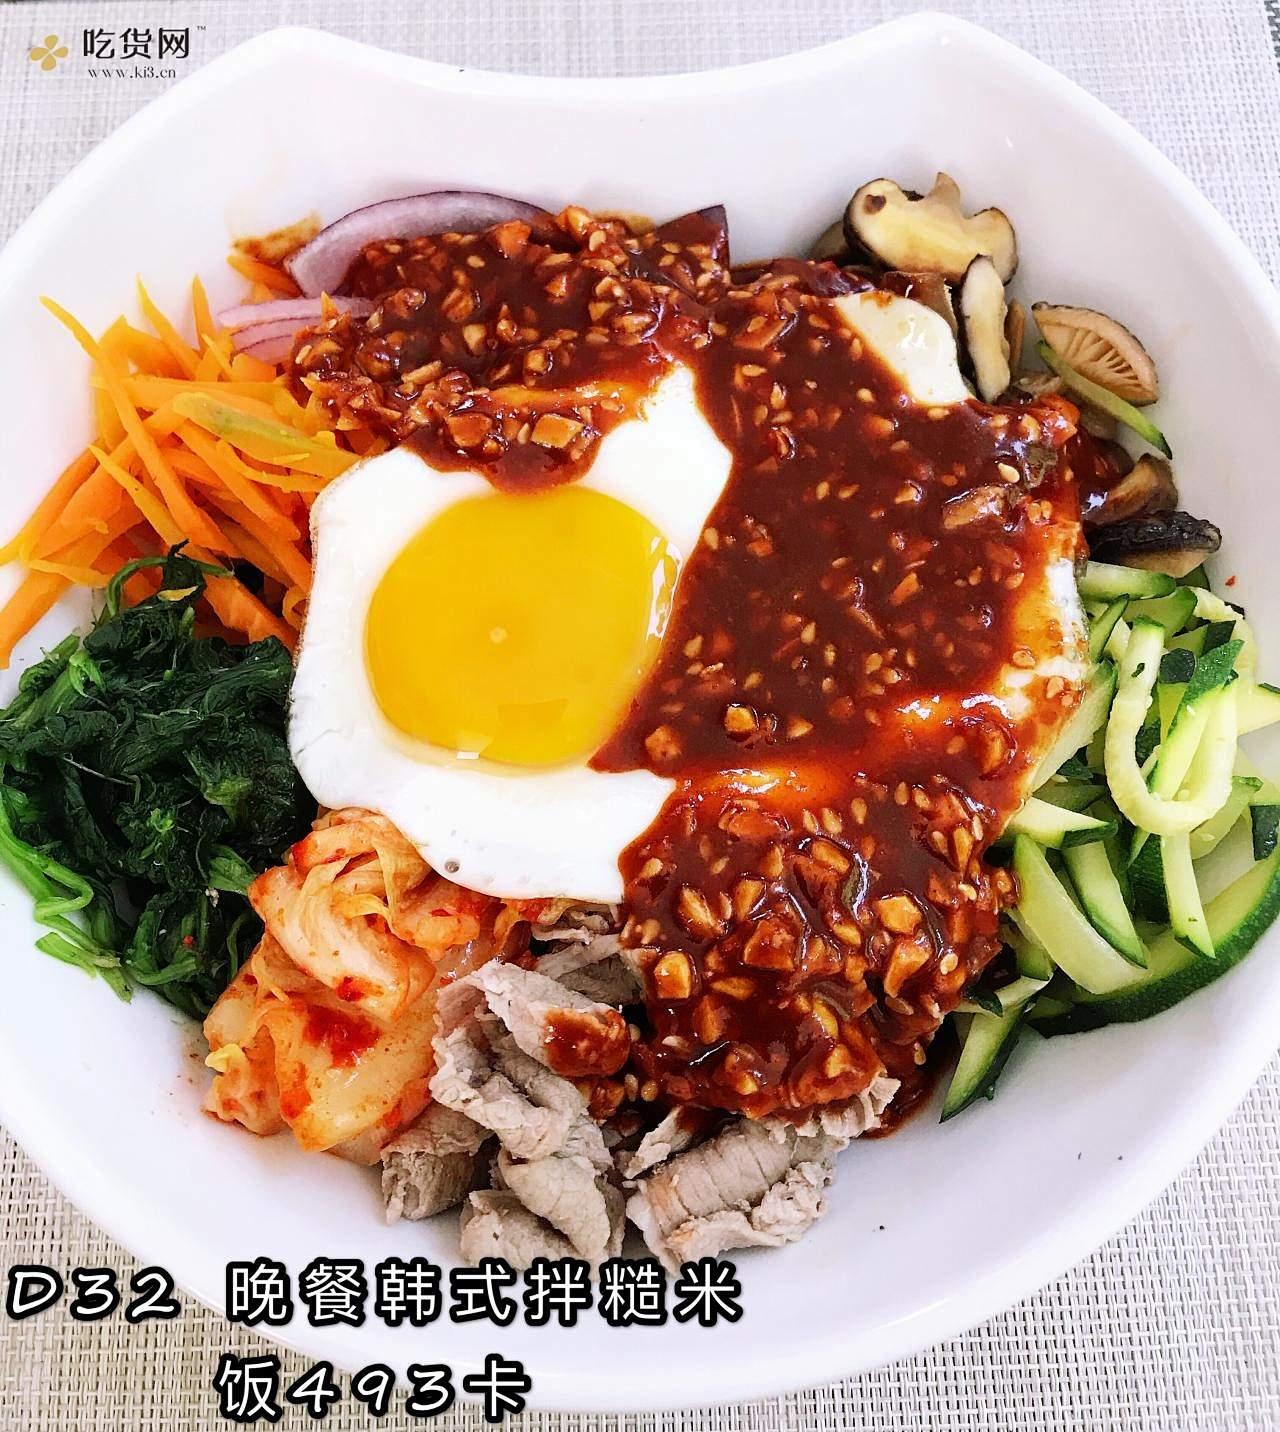 清爽开胃韩式拌饭(健康减脂糙米)拌凉面(荞麦面)的做法 步骤5